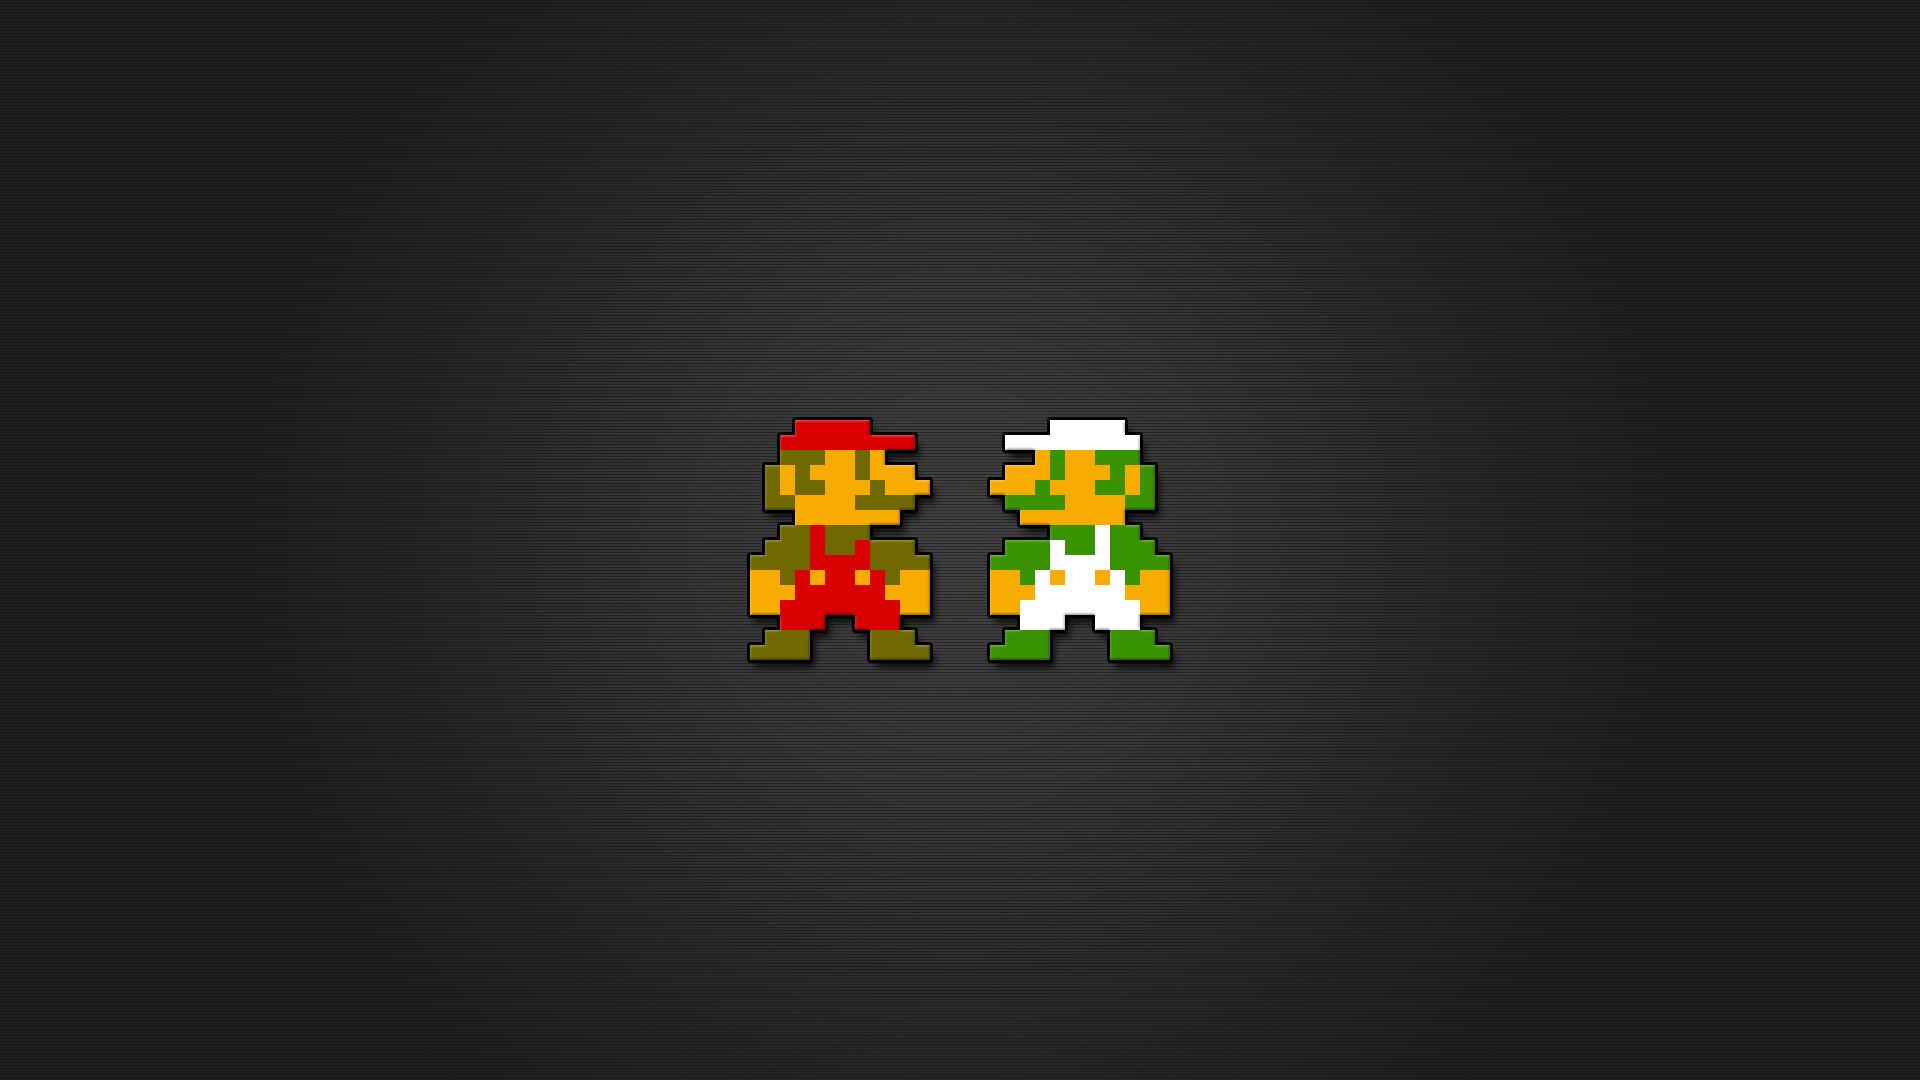 … Super Mario Wallpaper 8 Bit (02) …